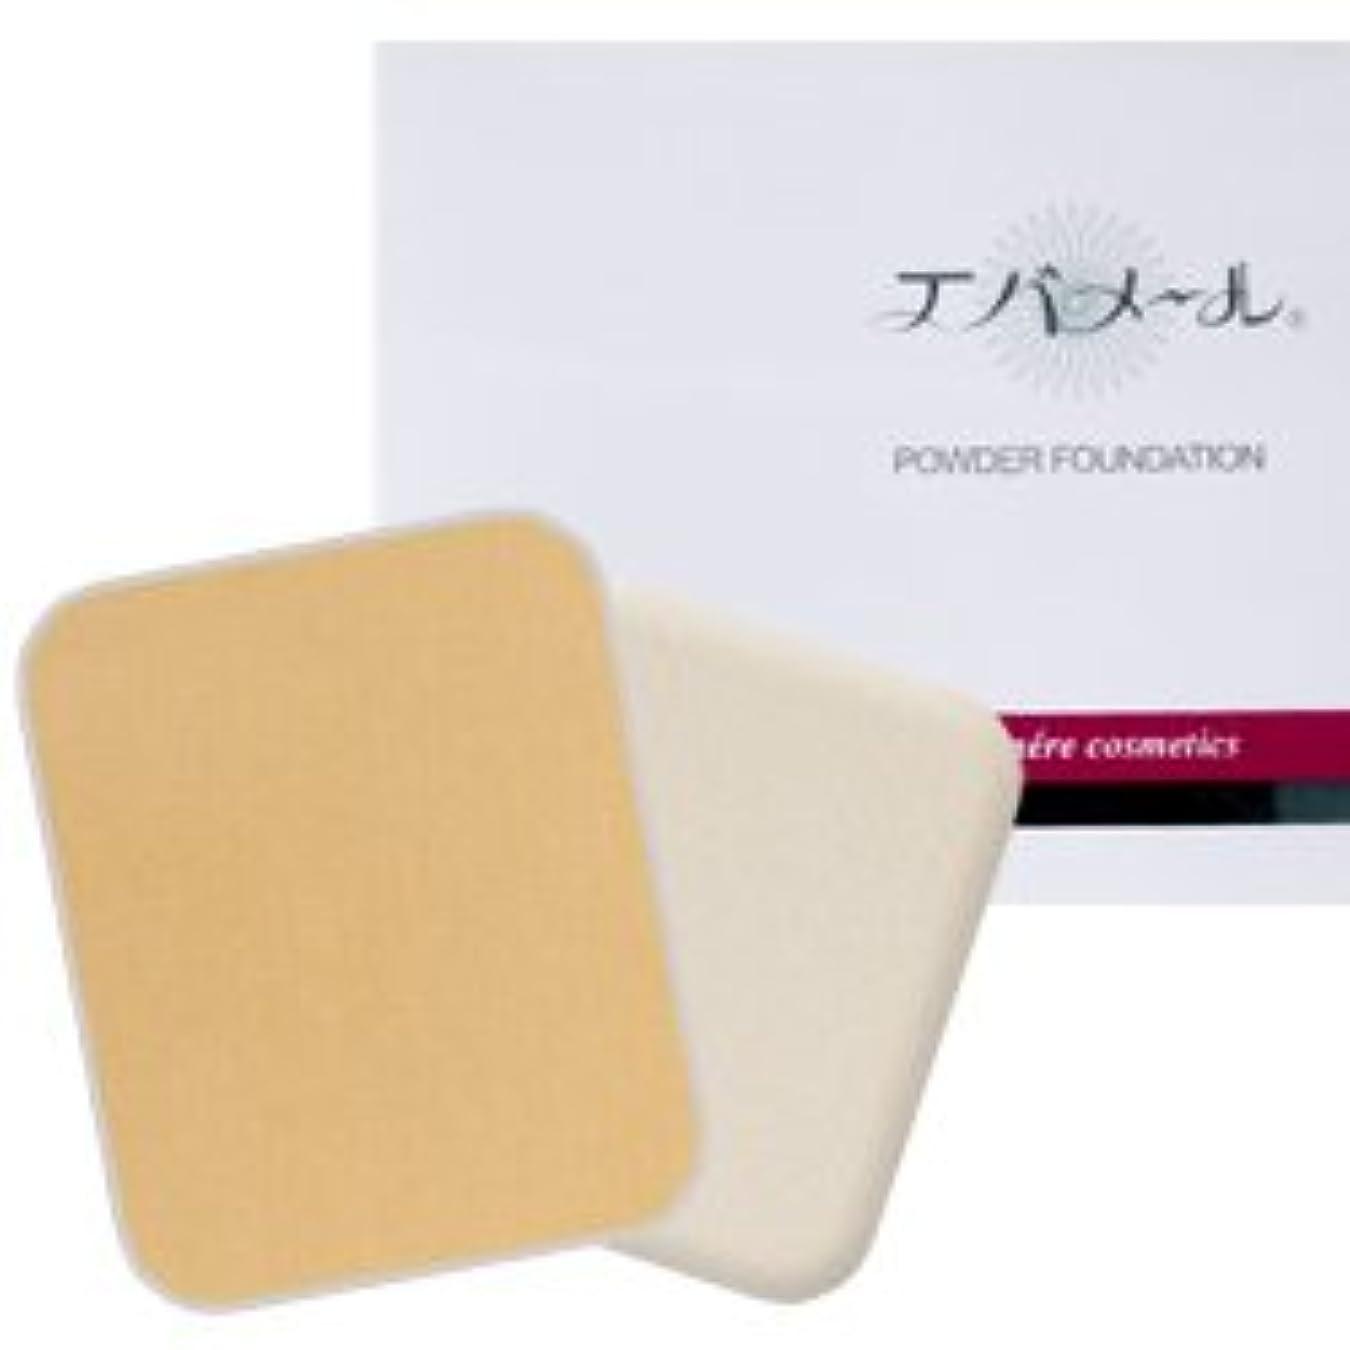 服を洗うプロフィール堤防エバメール パウダー ファンデーション 露肌 SPF20 PA++ 【詰め替え用】 ライトオークル (在庫)